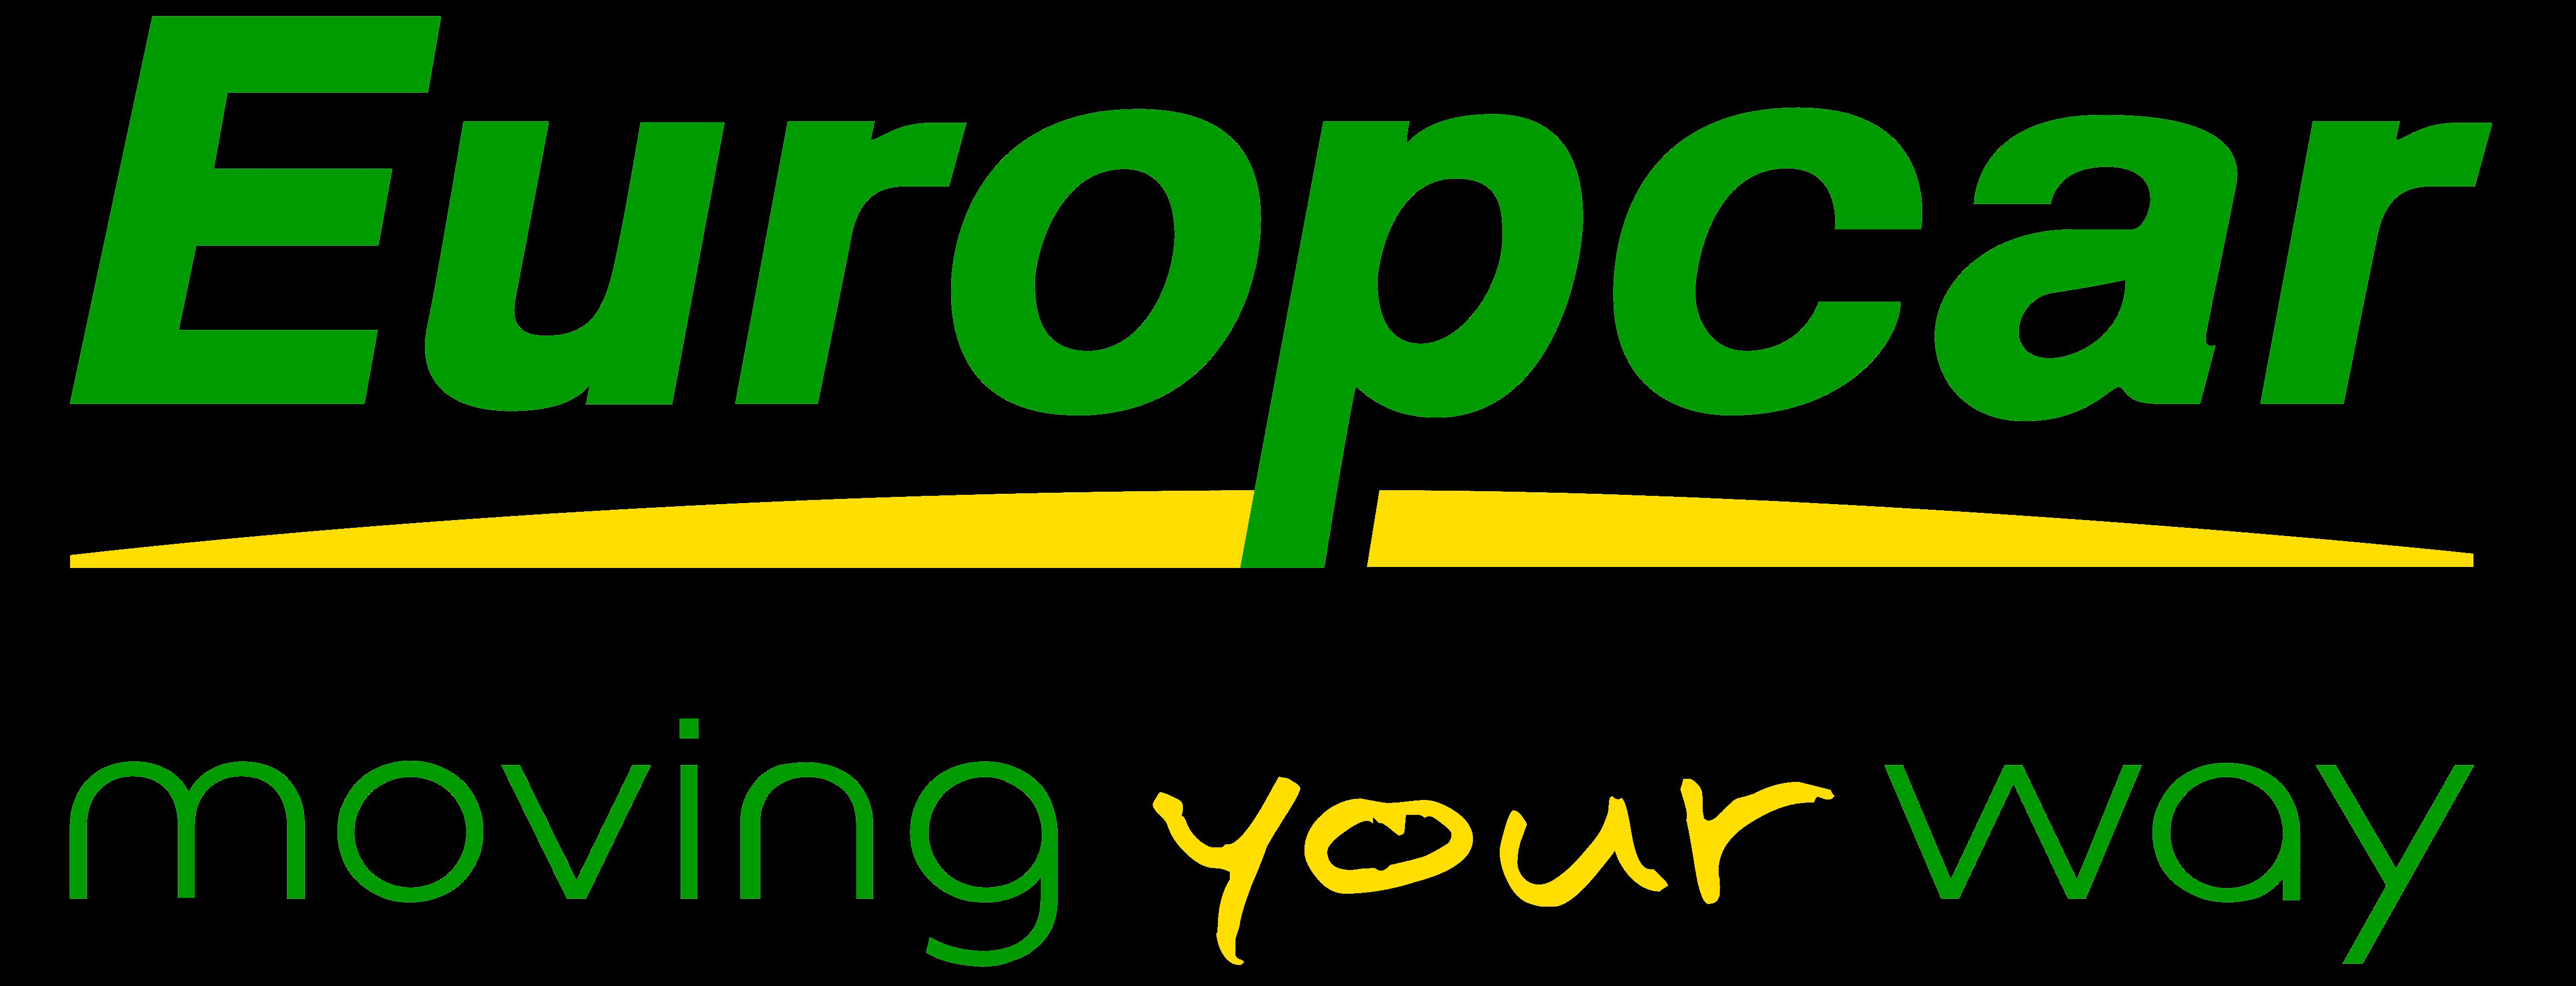 europcar logo logotype 1